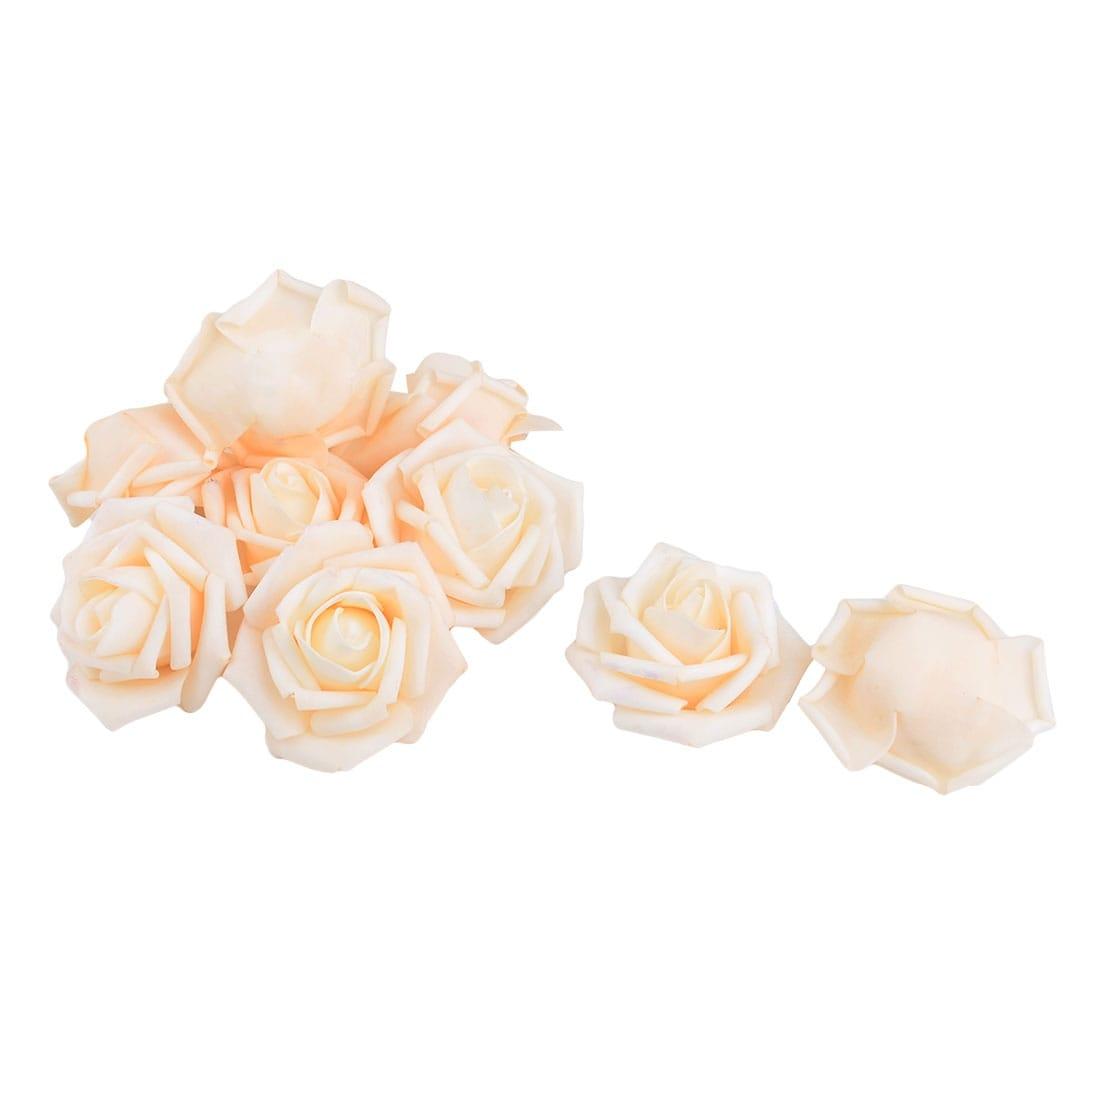 Wedding Foam Diy Garland Decor Artificial Rose Flower Heads 10pcs Light Orange Overstock 28888175